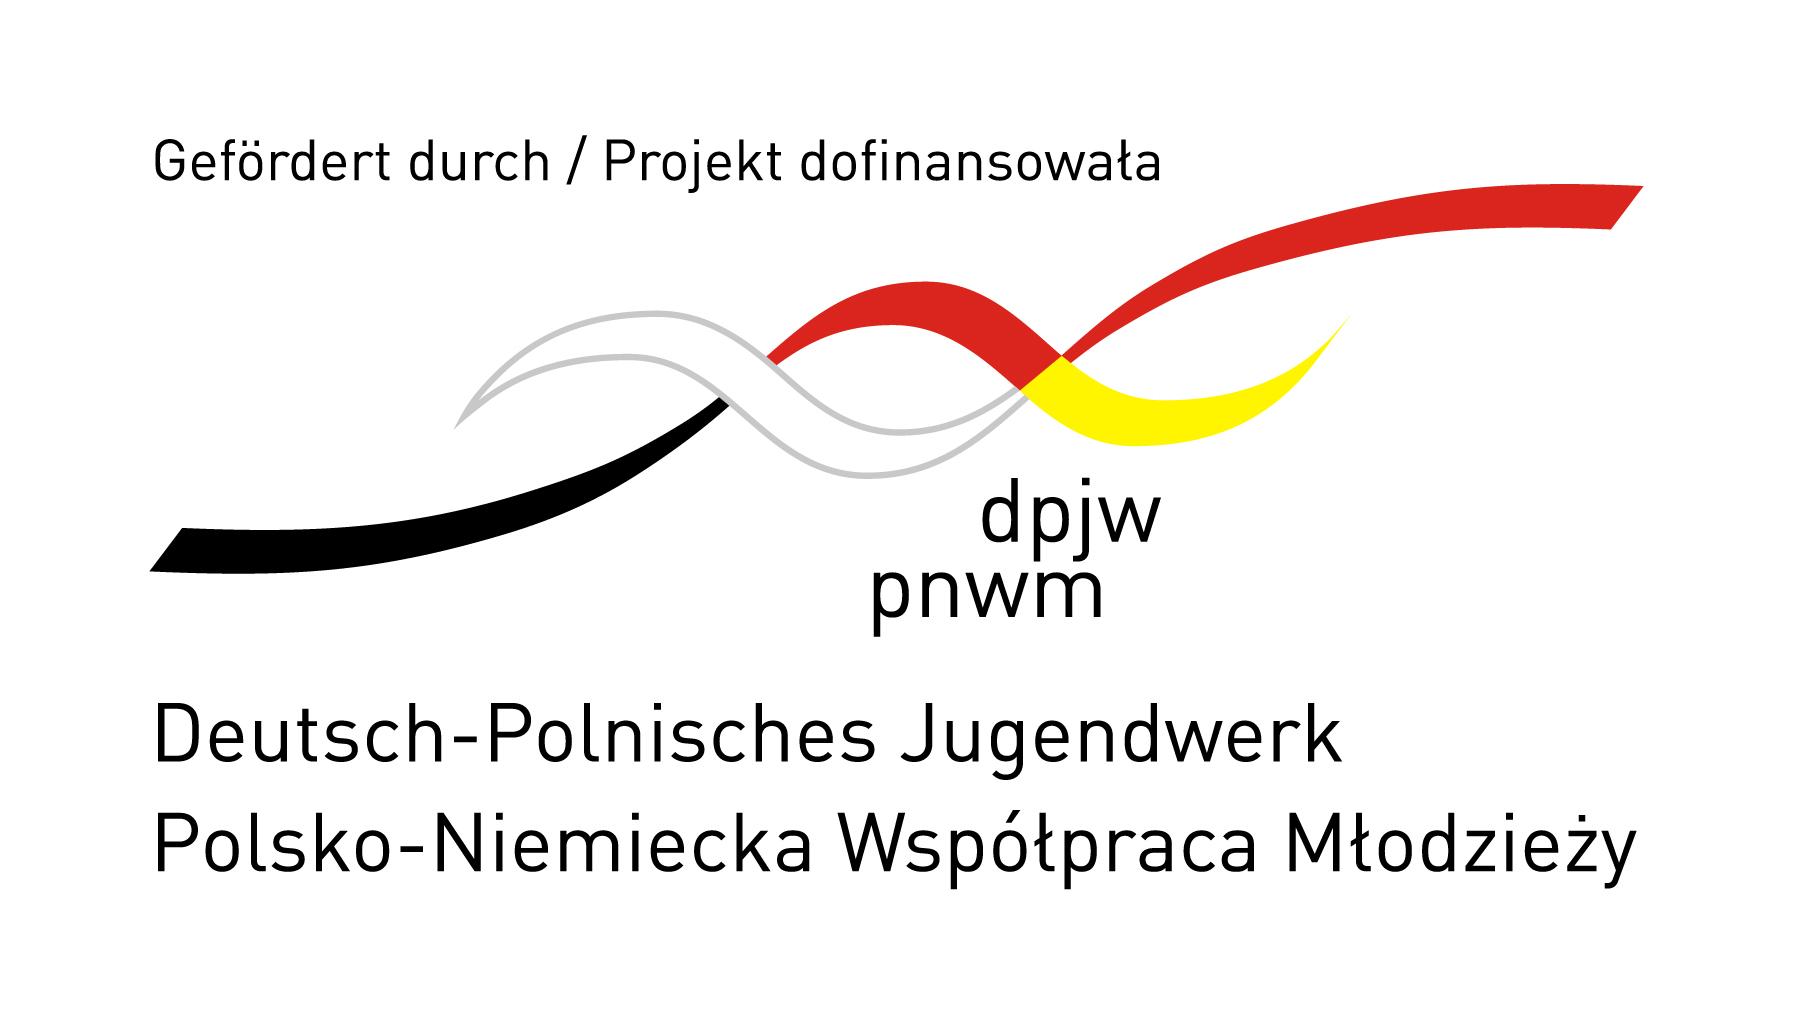 http://m.wm.pl/2018/04/orig/1368521650-logo-pnwm-dopisek-pion-rgb-462086.jpg